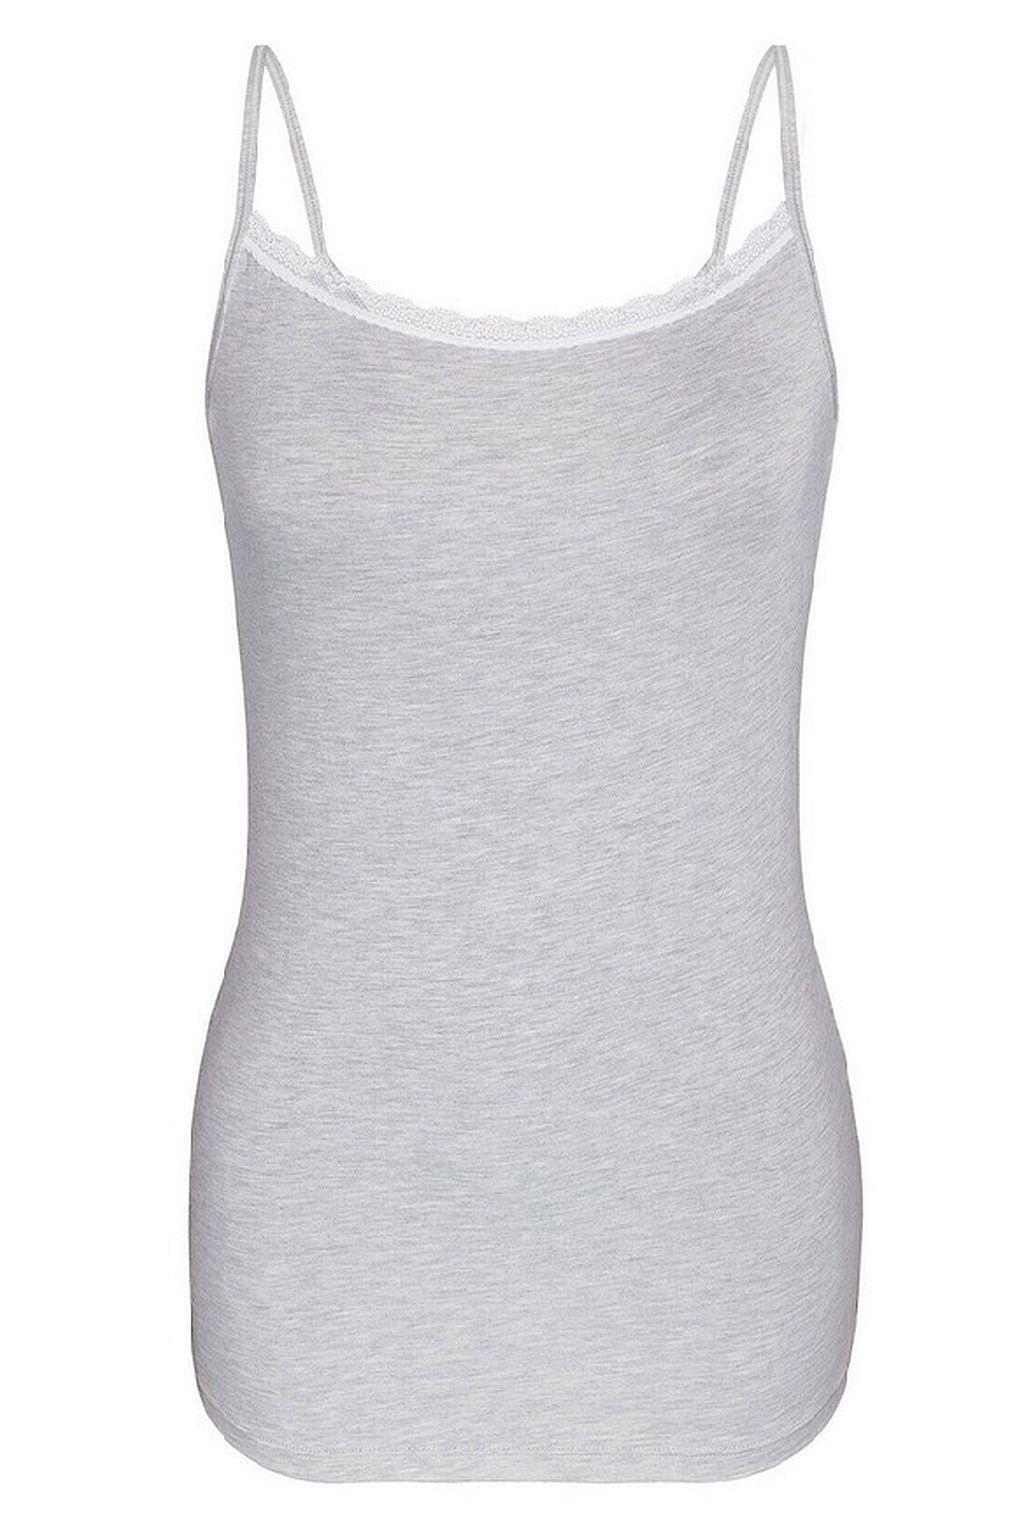 35290 Sassa Top Shirt Damen Unterhemd schmale Träger in schwarz grau oder ivory